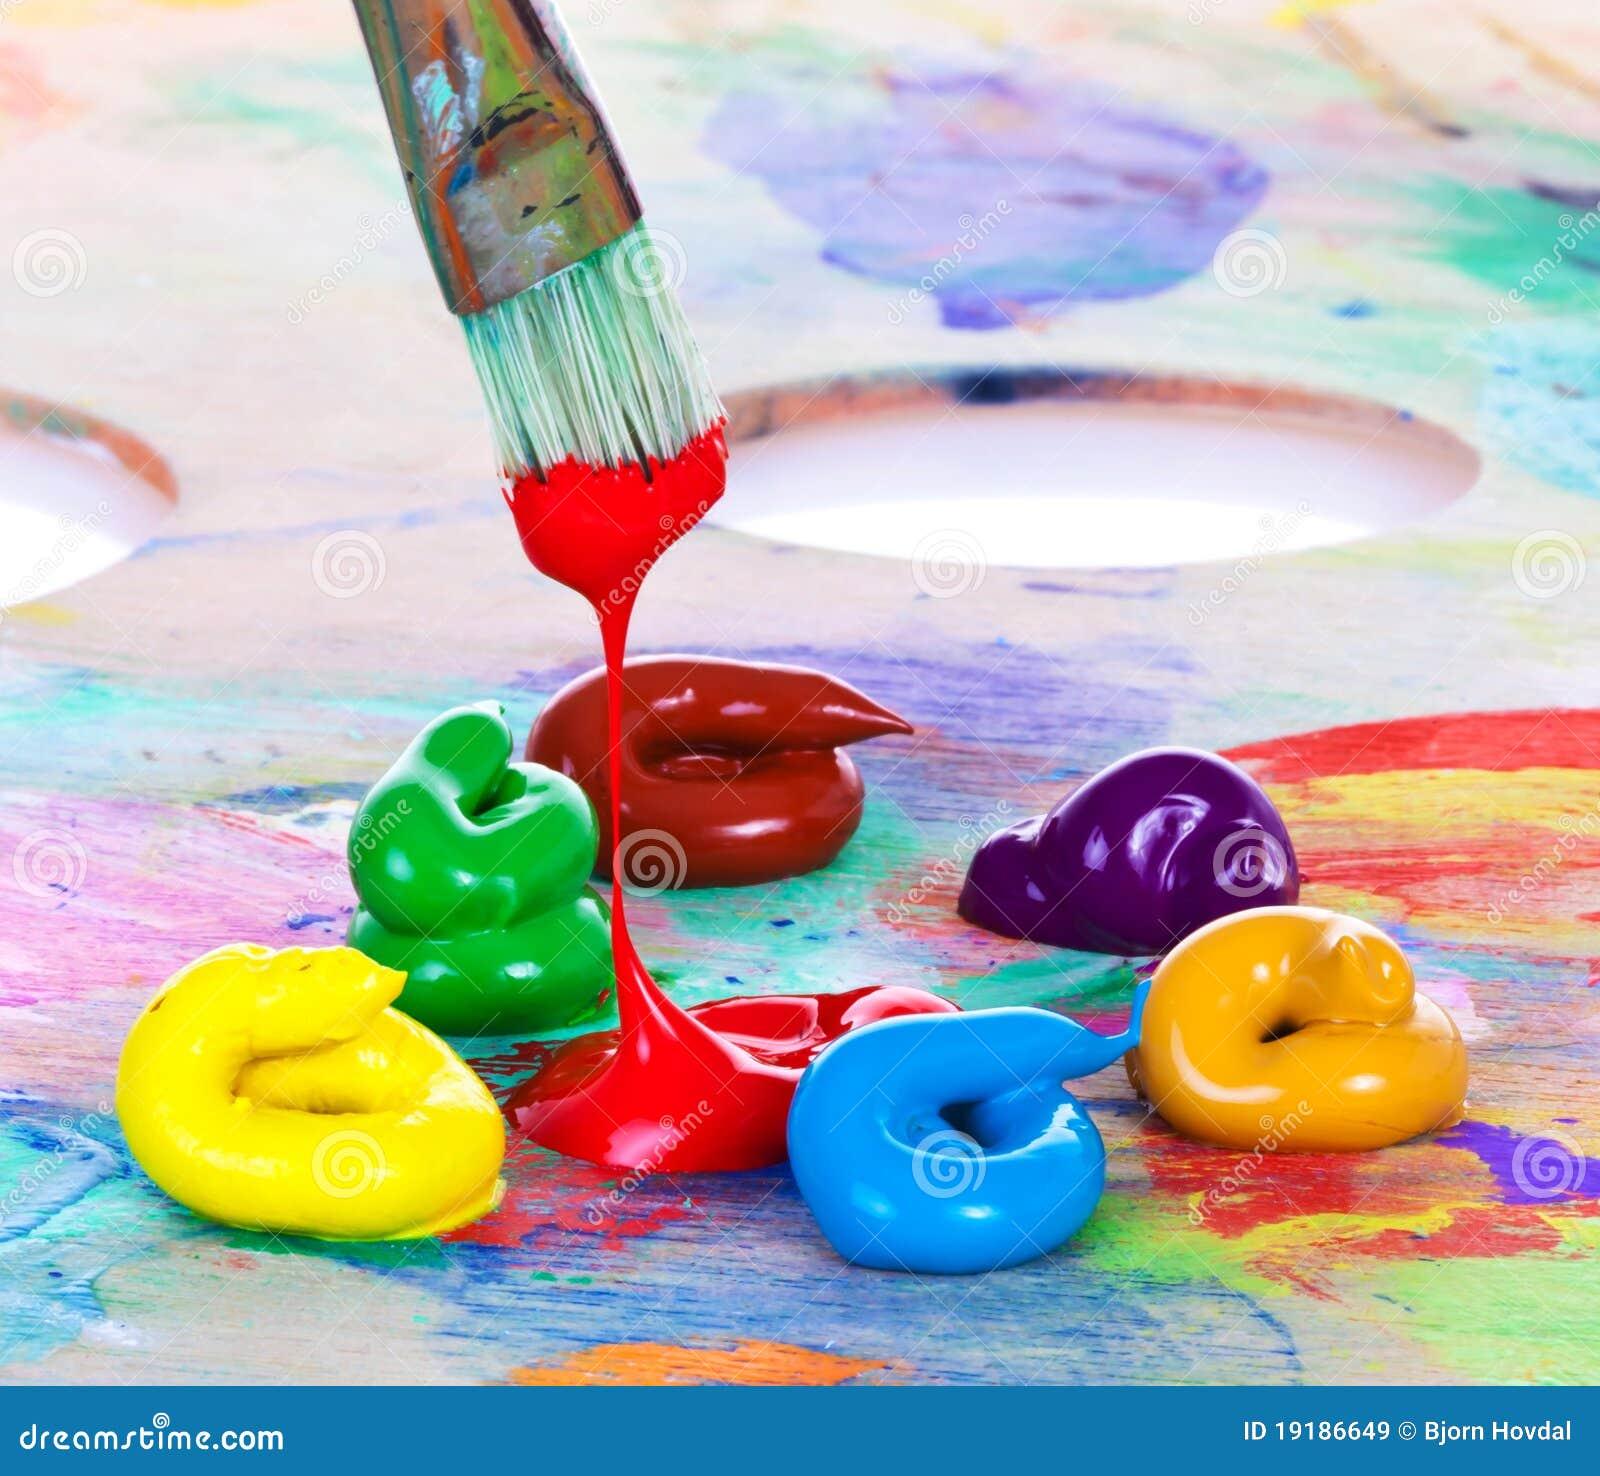 Ölfarbe und Pinsel